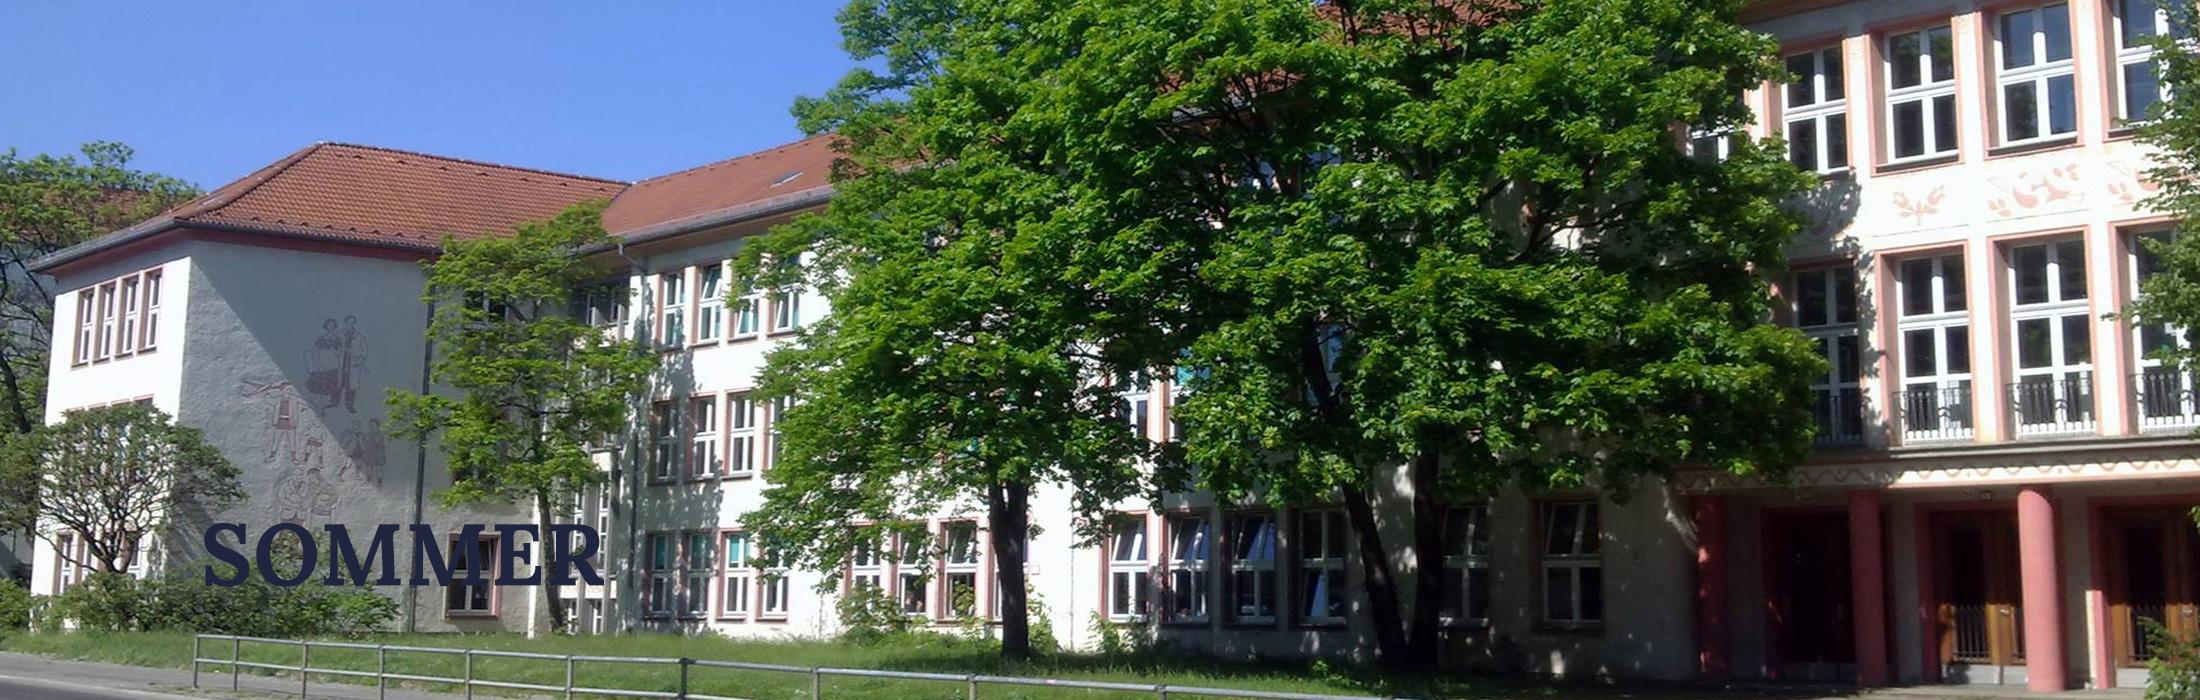 ardenne-schule-summer